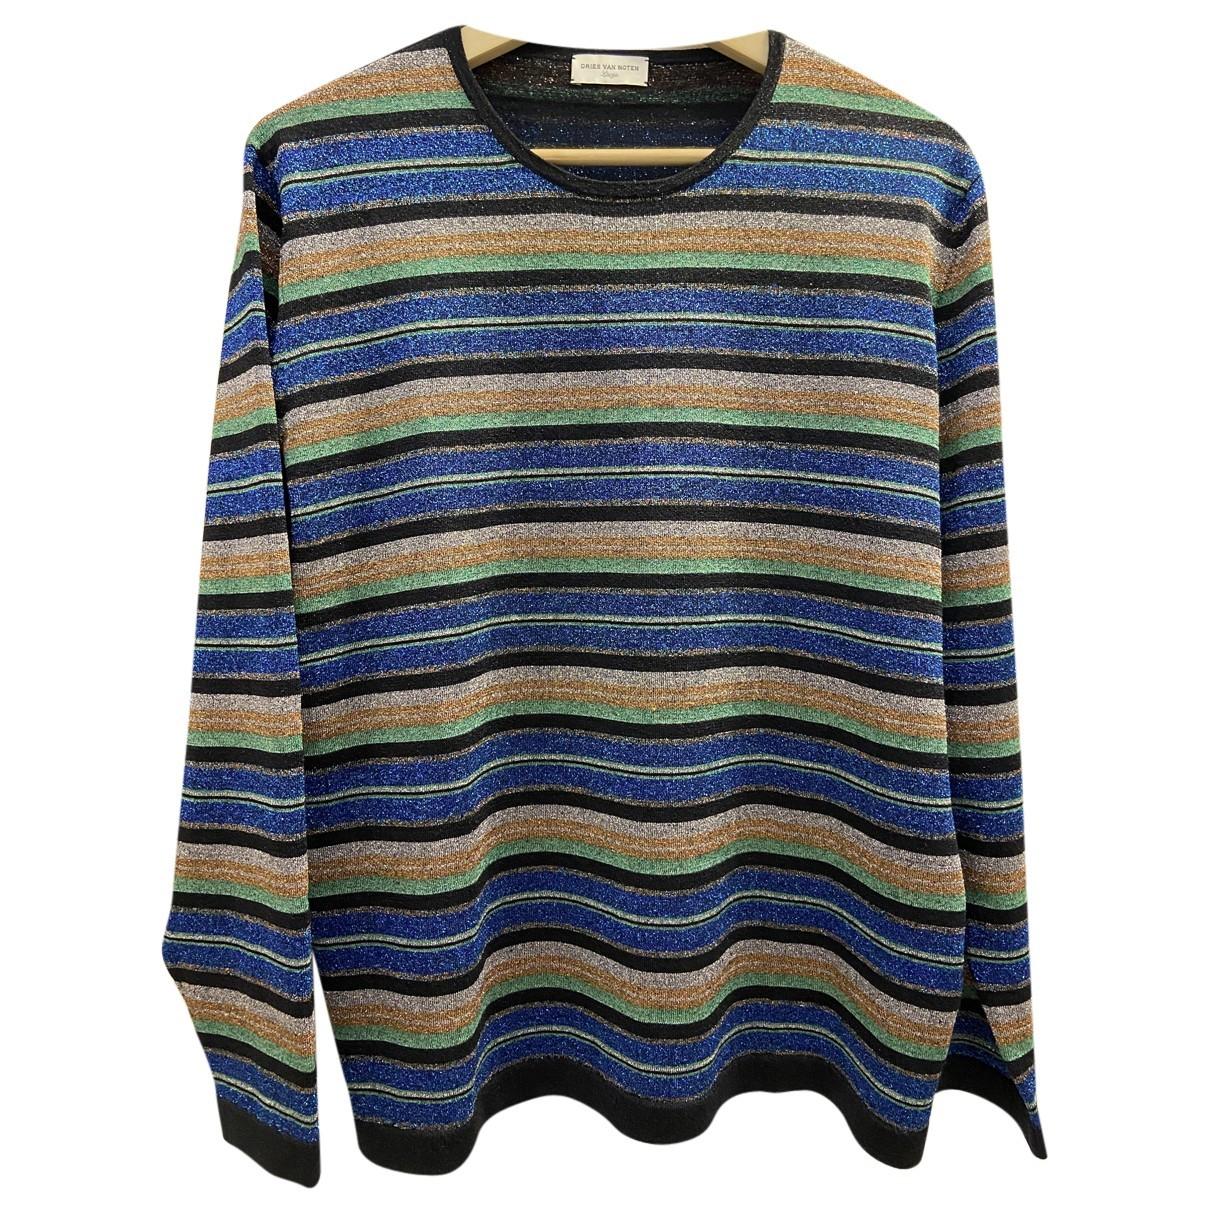 Dries Van Noten - Pull   pour femme - multicolore